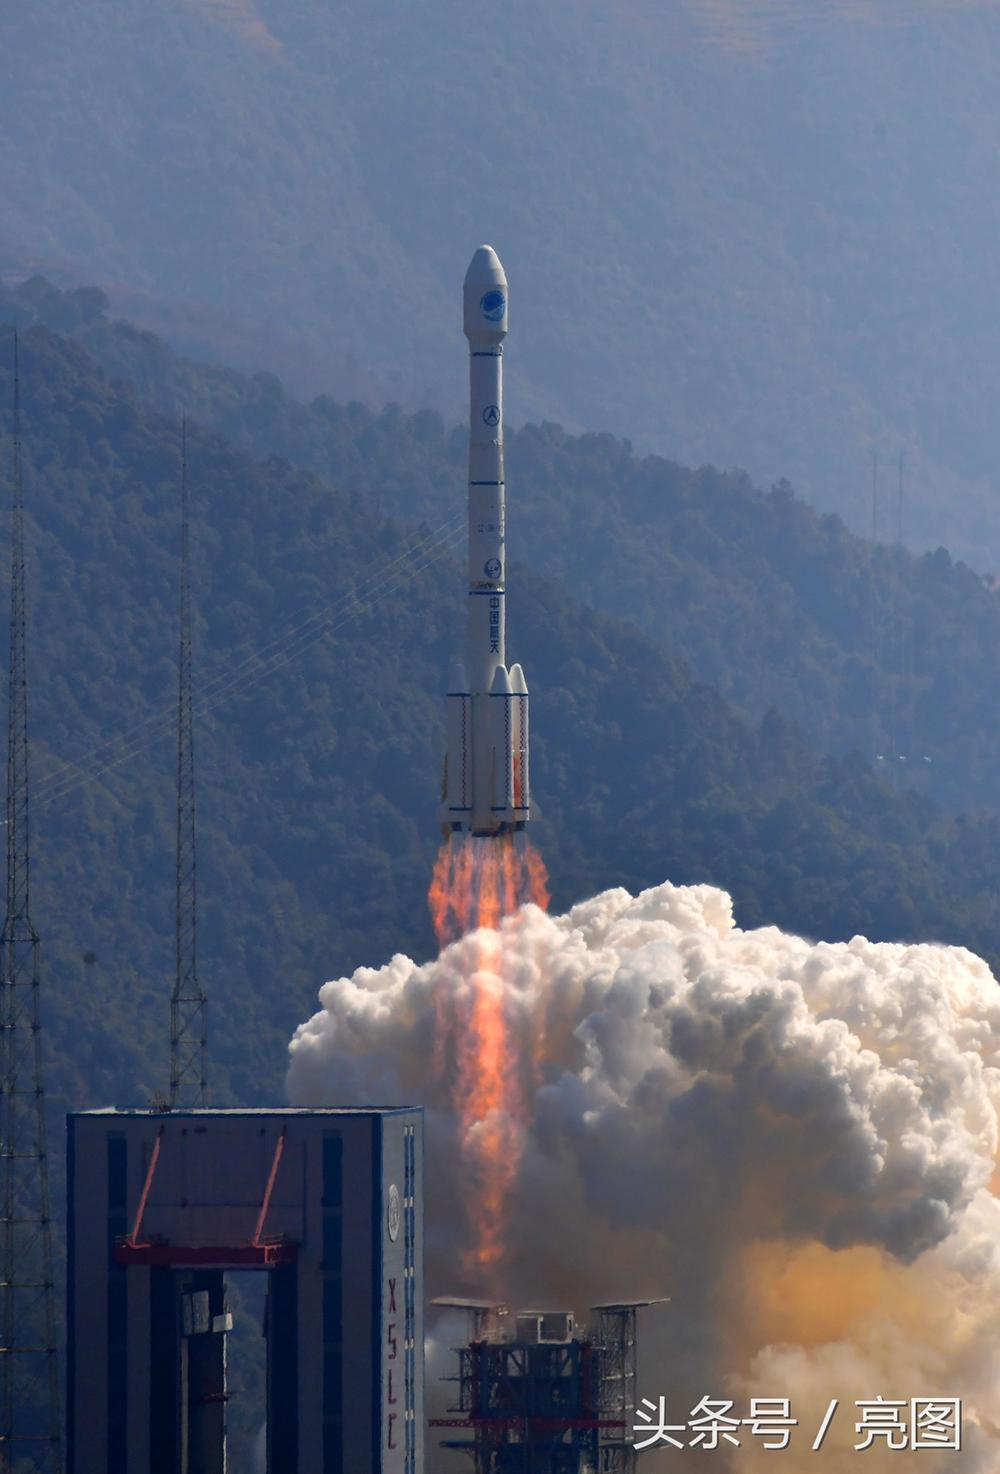 千亿pt客户端飞天再获大捷,我国成功一箭双星发射两颗千亿pt客户端导航卫星4